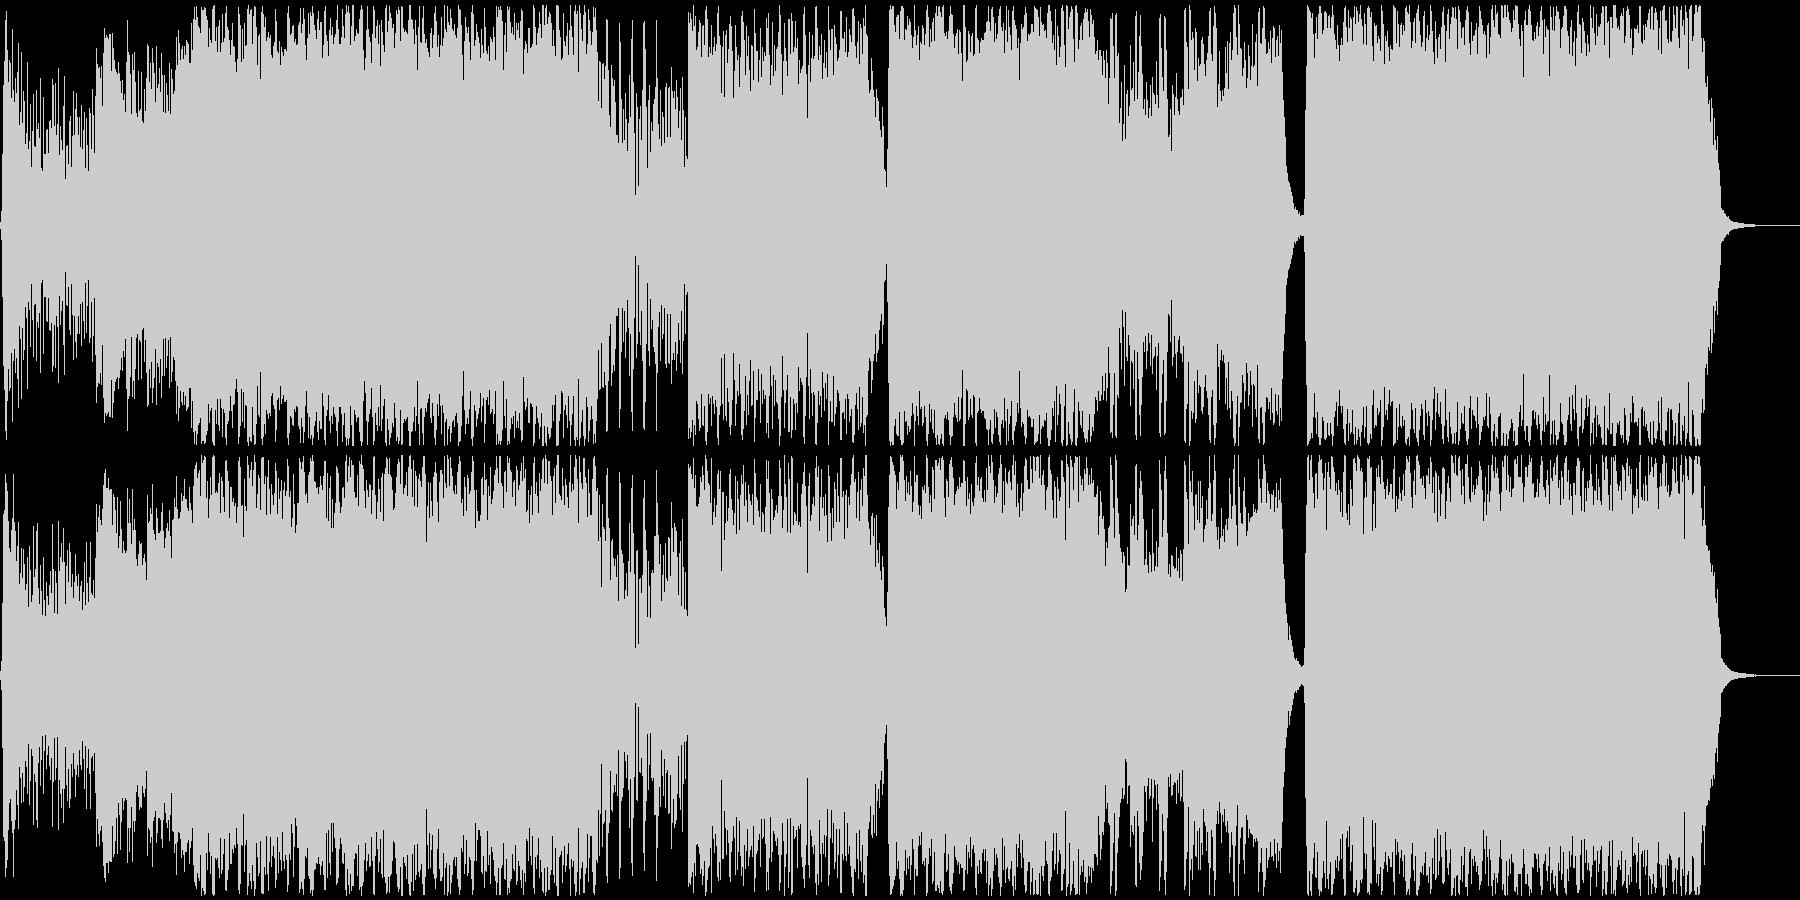 ストリングスが際立つ高揚感のあるサウンドの未再生の波形